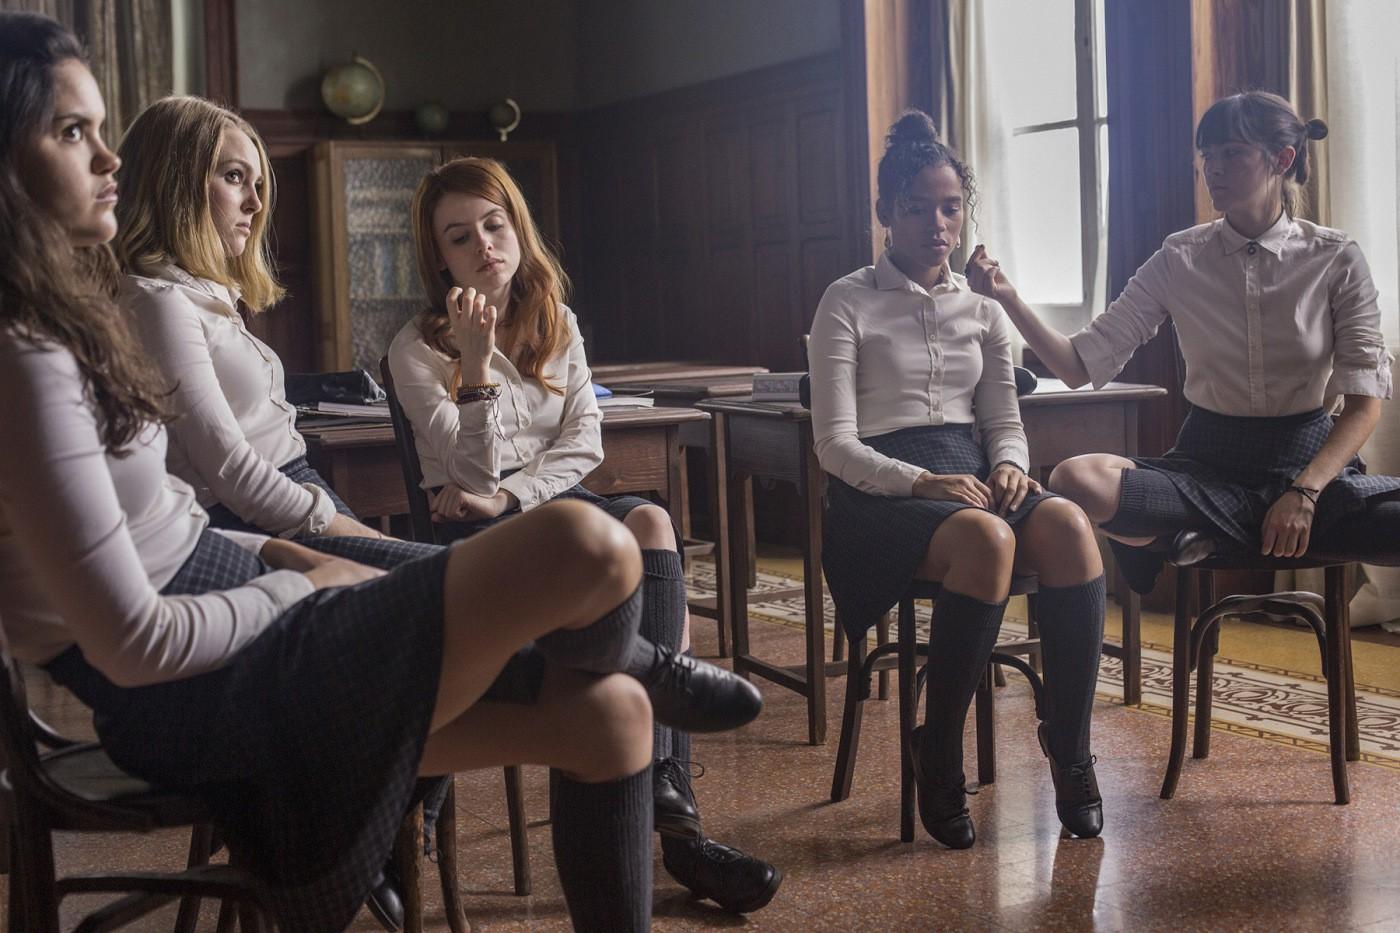 5 nữ sinh cá biệt là toàn bộ sĩ số của trường nội trú Blackwood – nghe tên đã thấy gở